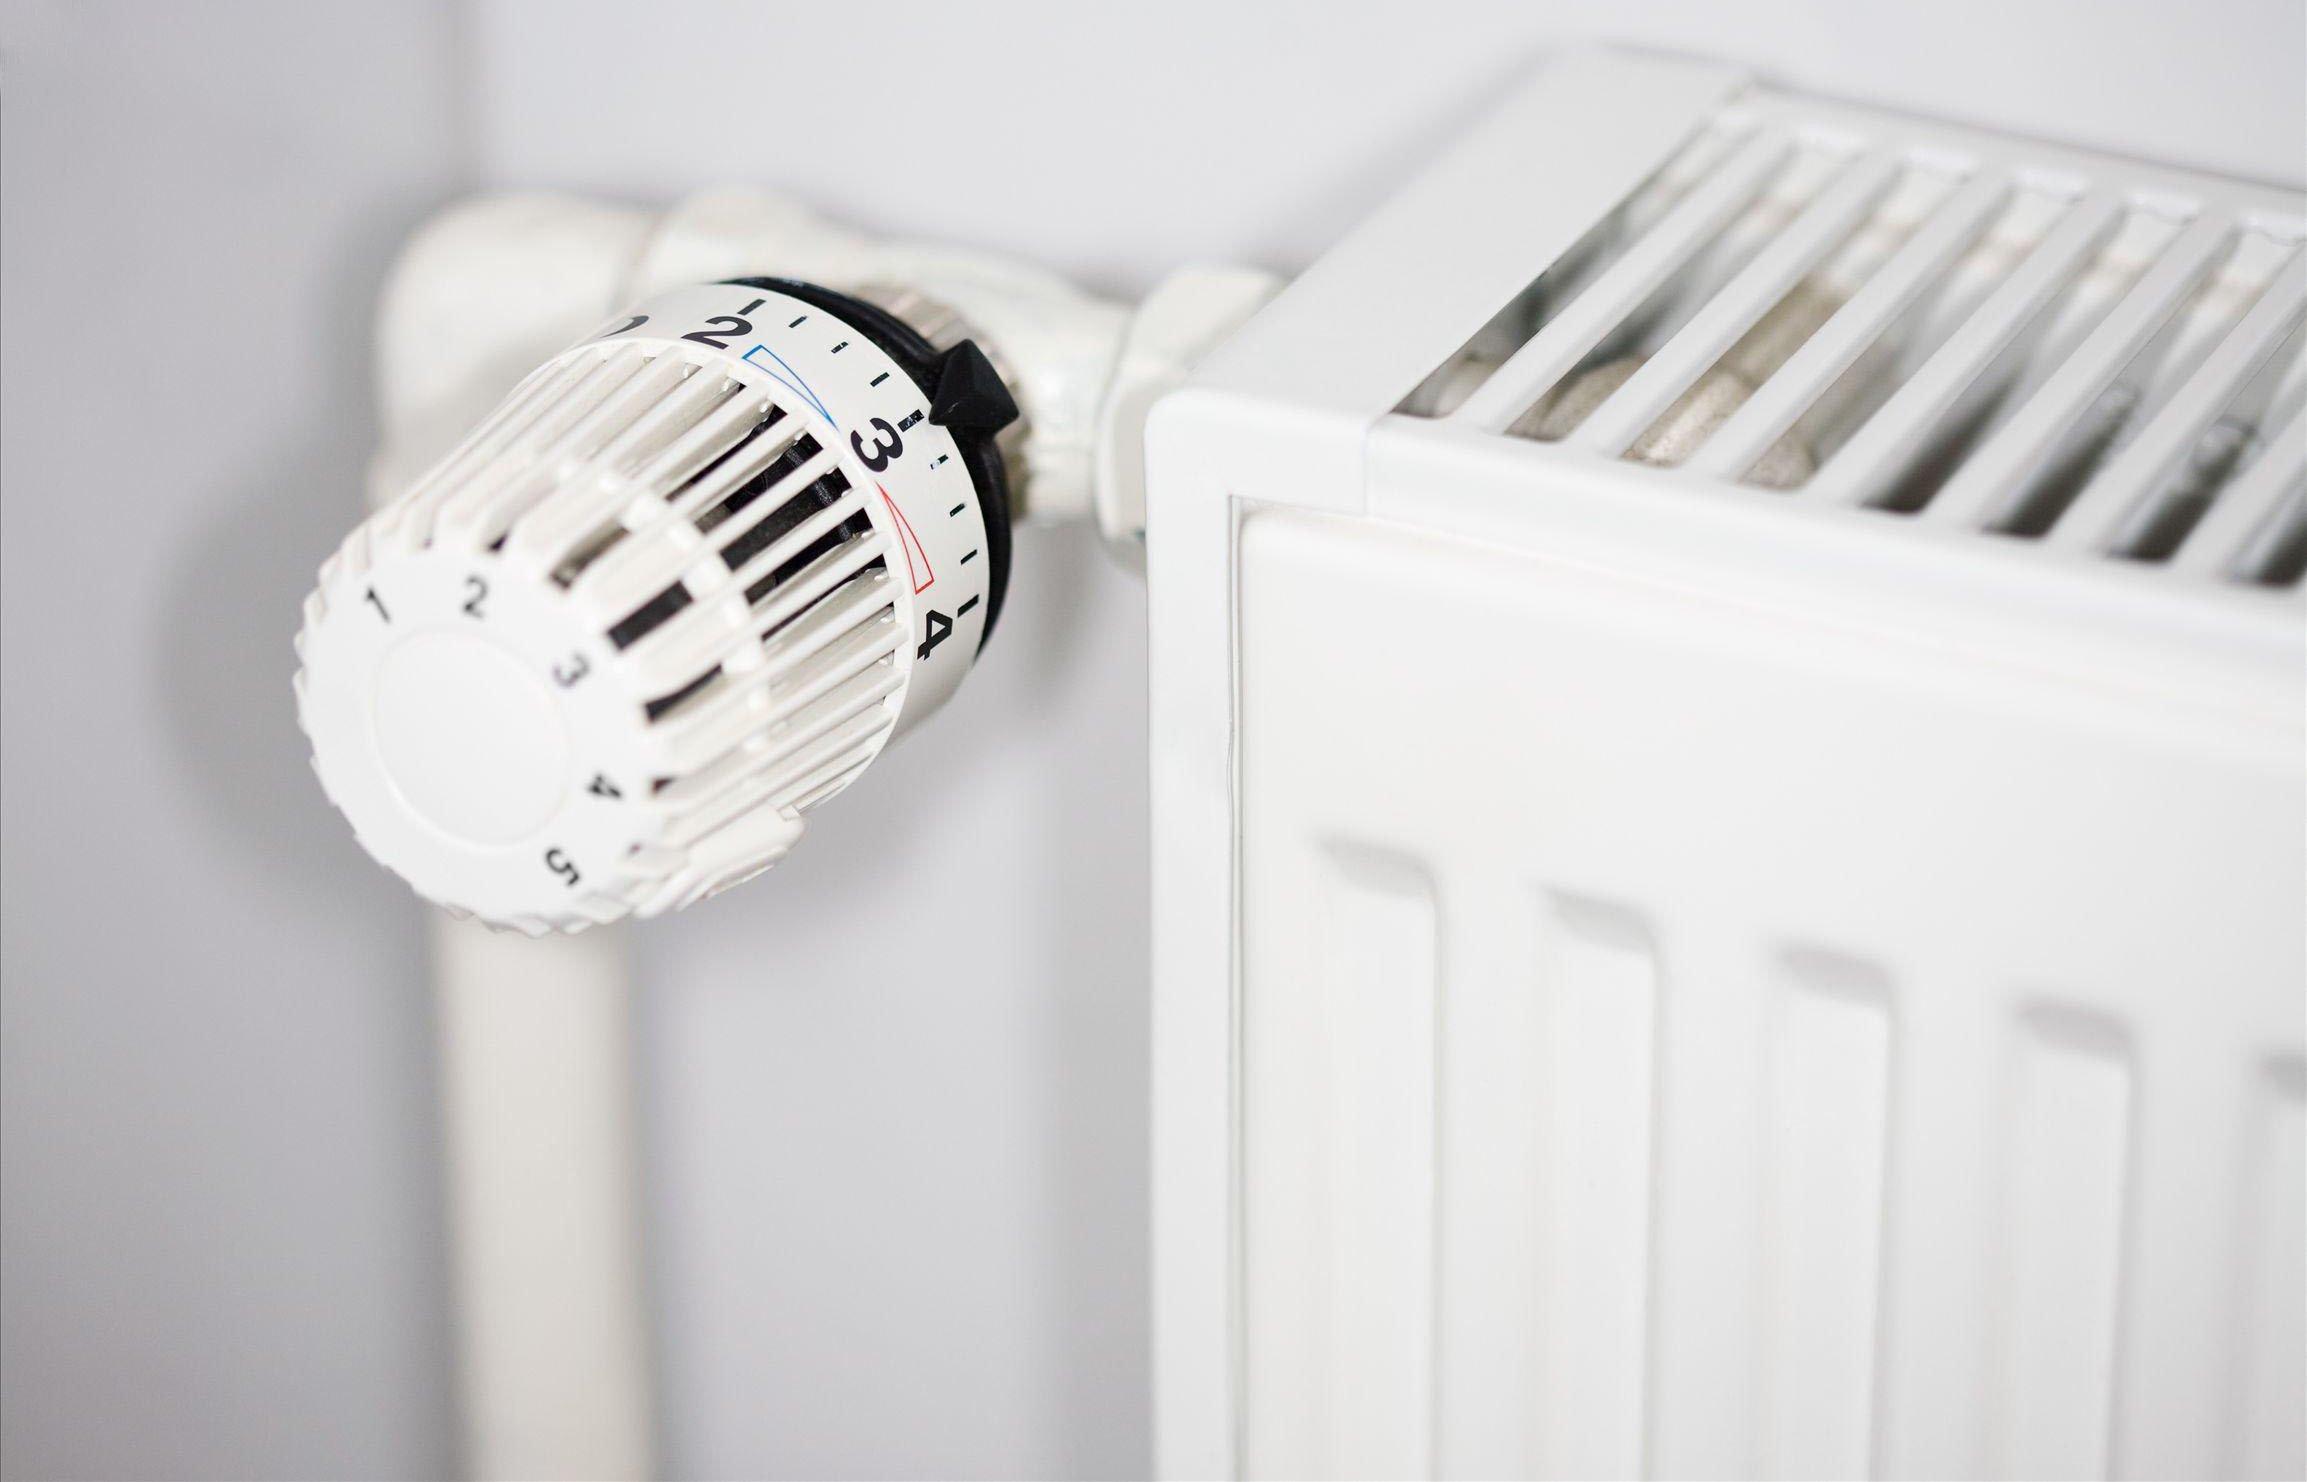 暖气片什么时候安装最合适?明装和暗装有什么区别?